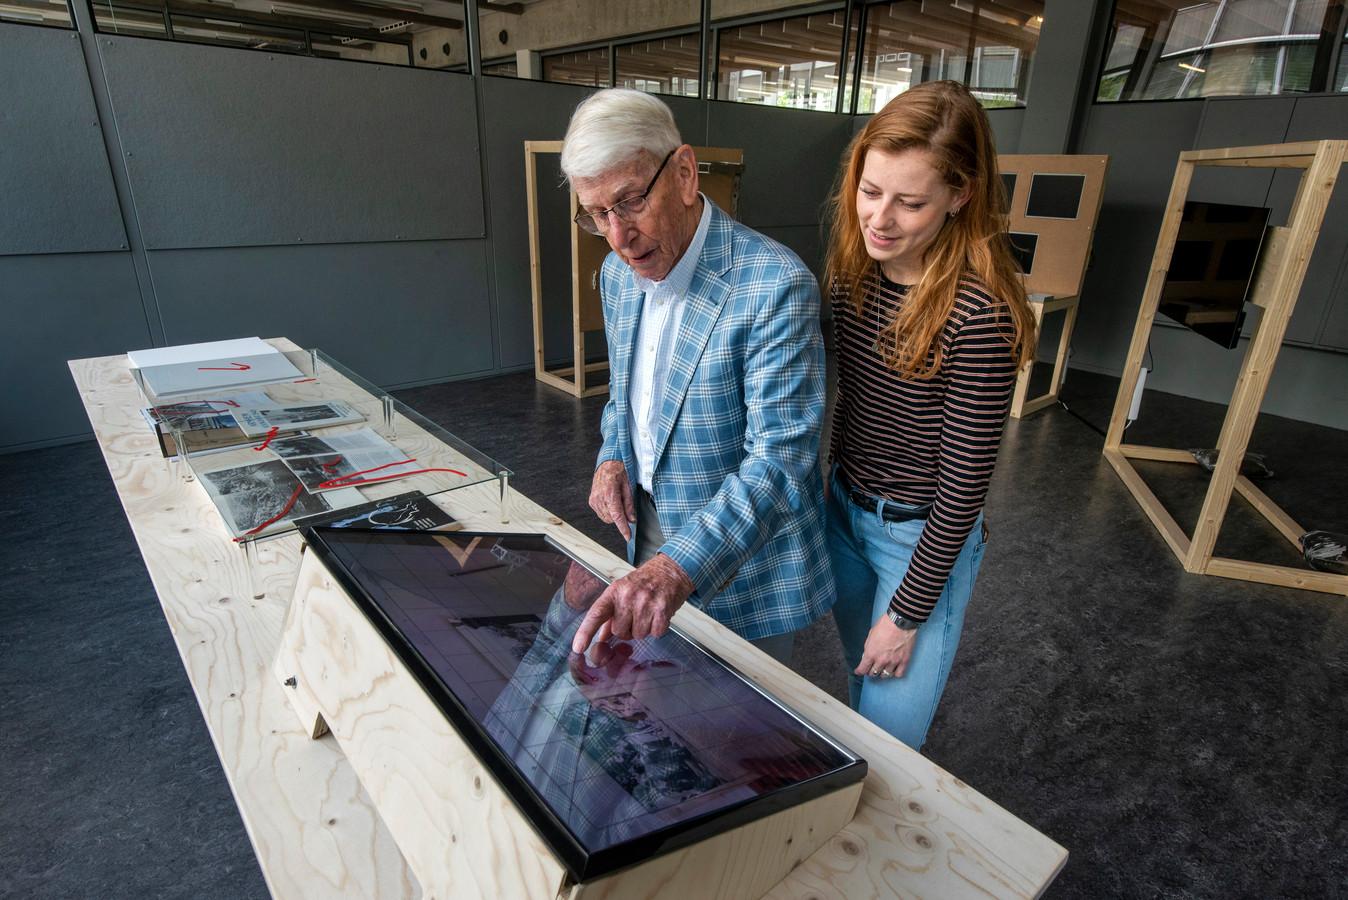 Studente Marlou Bleijenberg (24) kijkt toe terwijl haar opa Piet Rijkaart bladert door een boek over de oorlog.